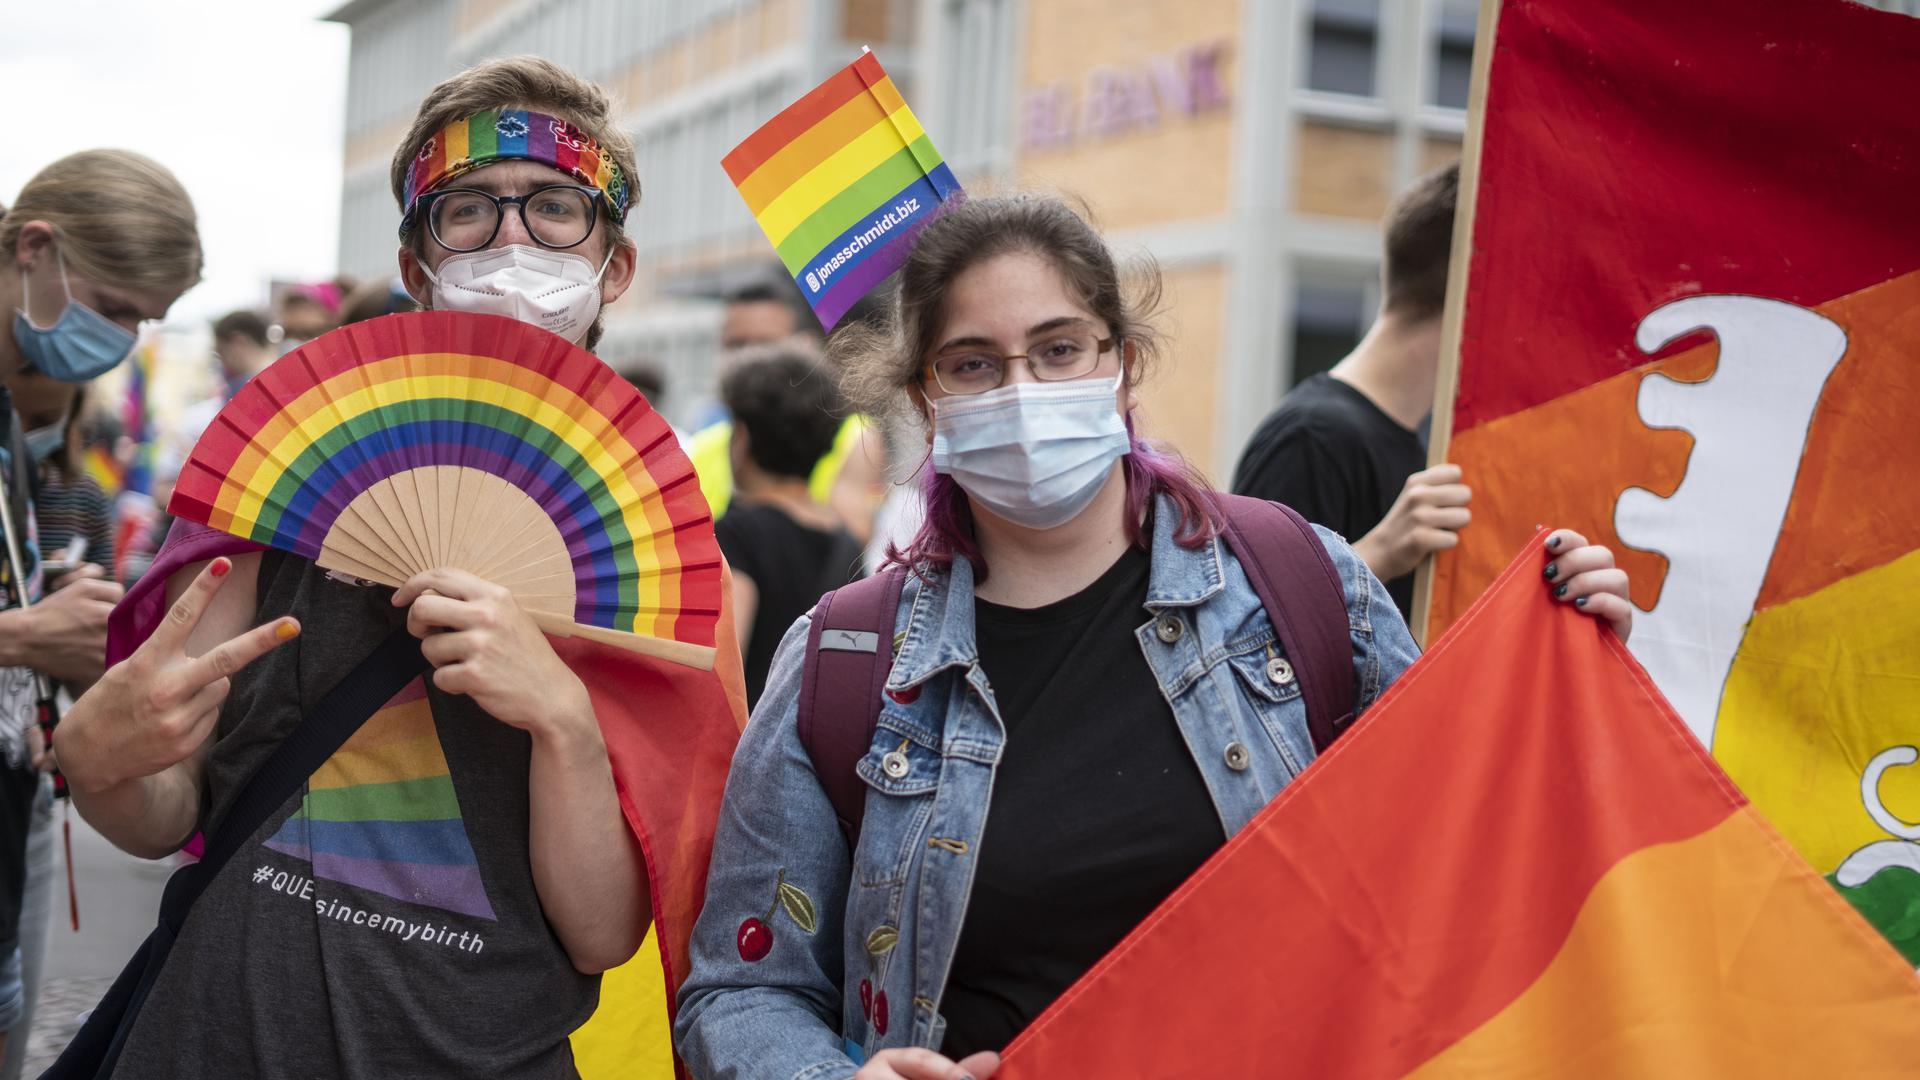 Zwei Menschen tragen regenbogenfarbene Kleidung